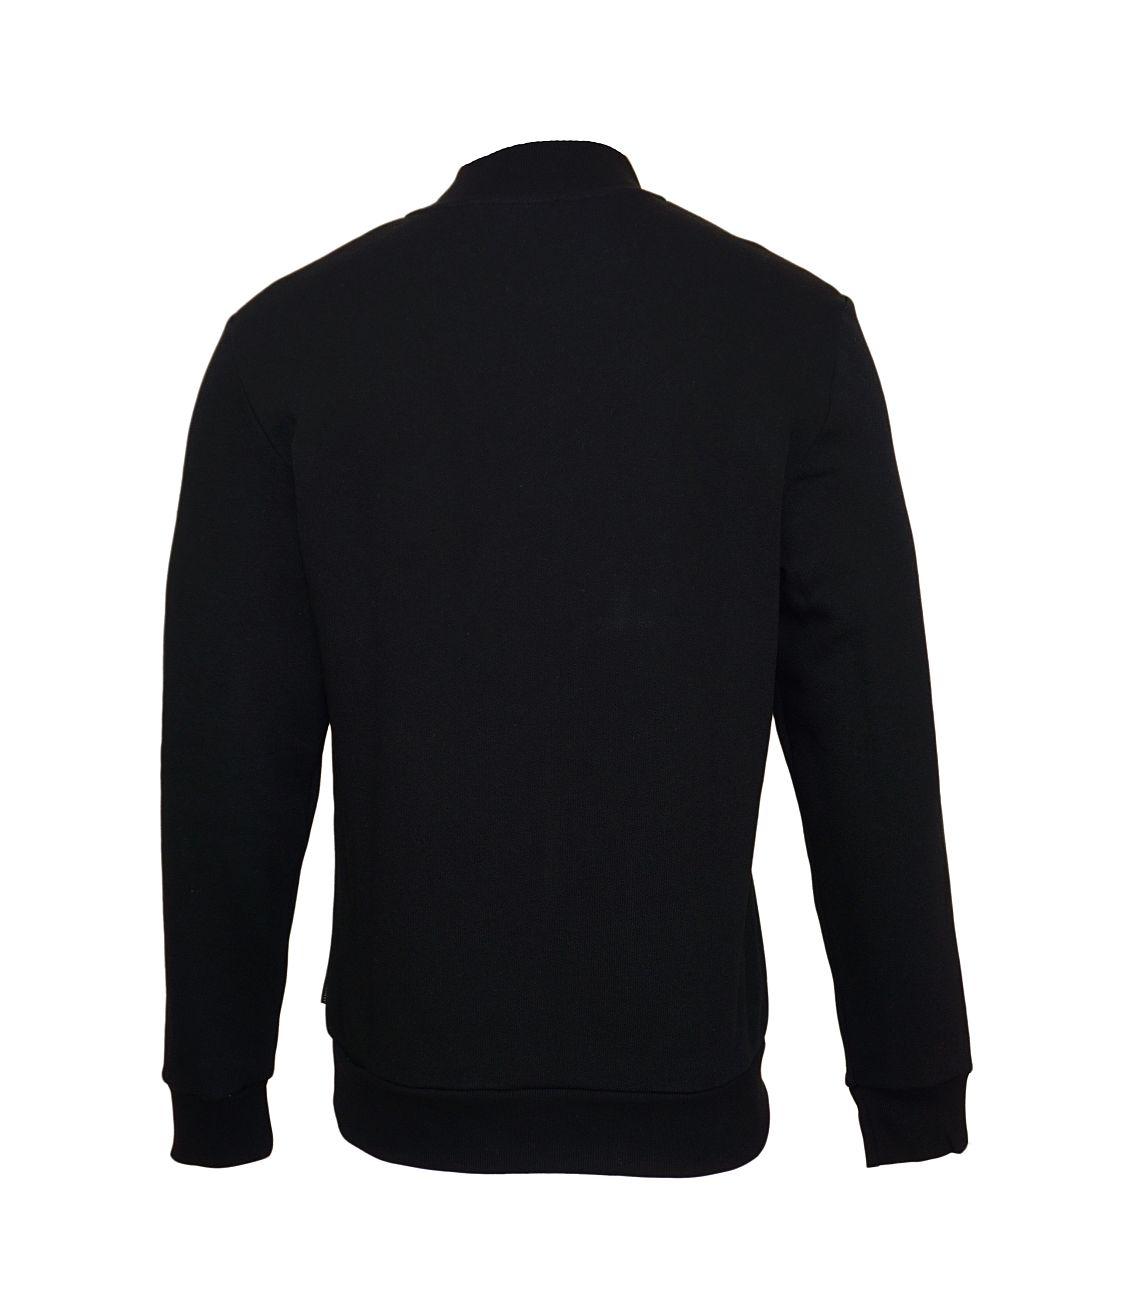 Emporio Armani Sweater Pullover Zip 111704 8A575 00020 NERO WX18-EAS